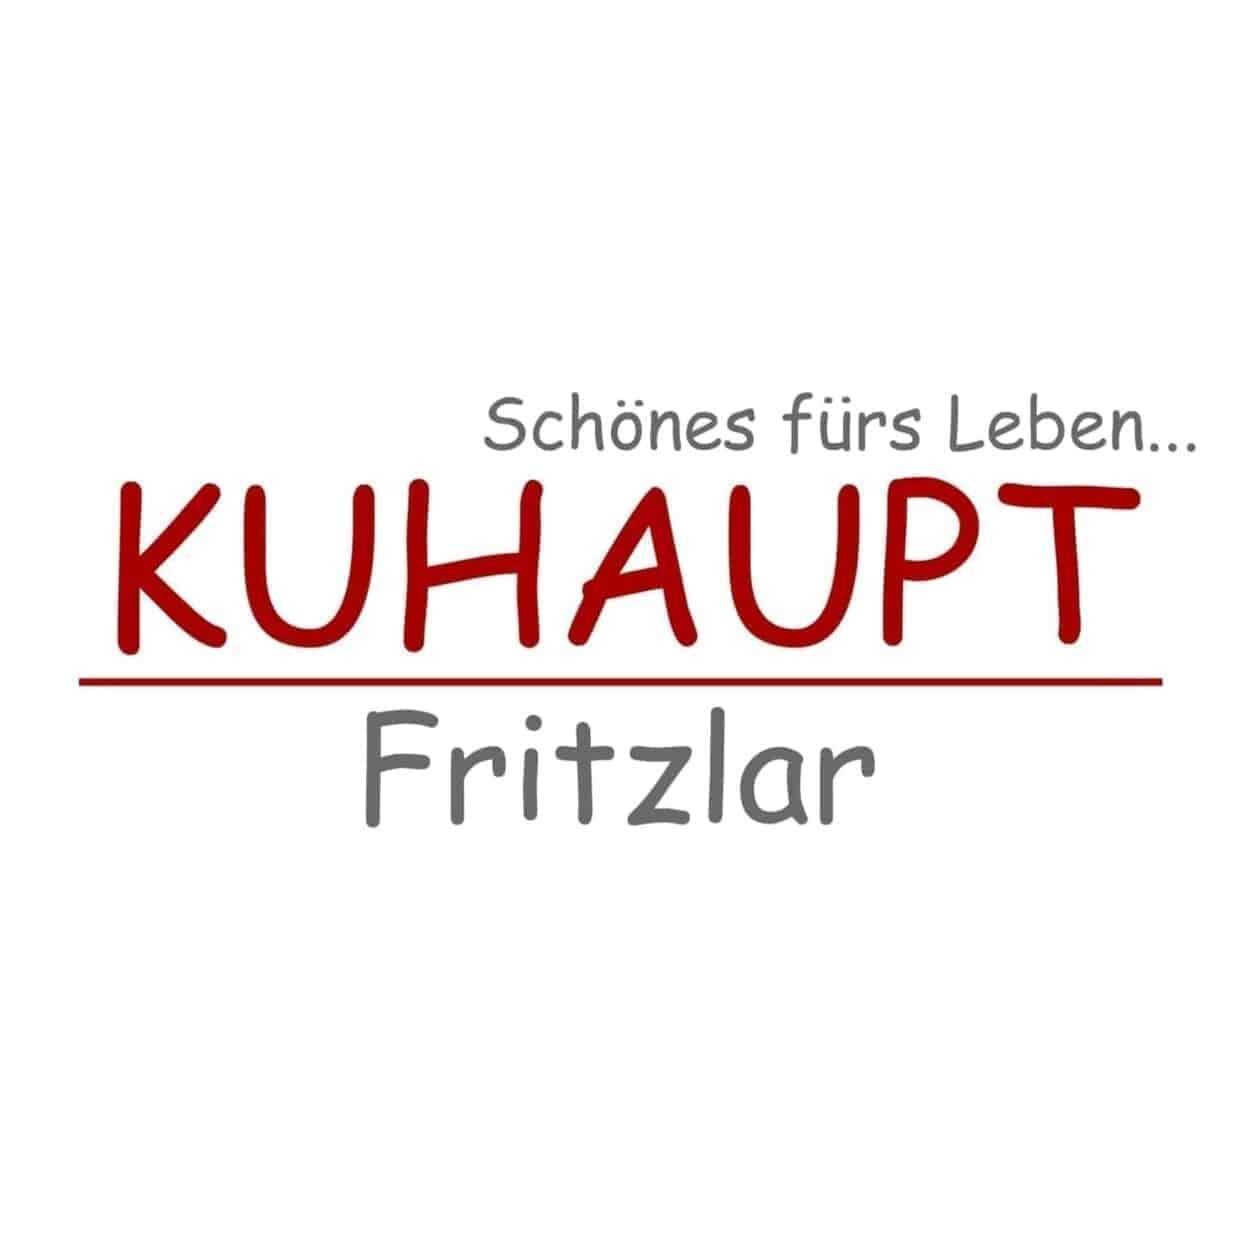 Kuhaupt Fritzlar - Schönes fürs Leben...